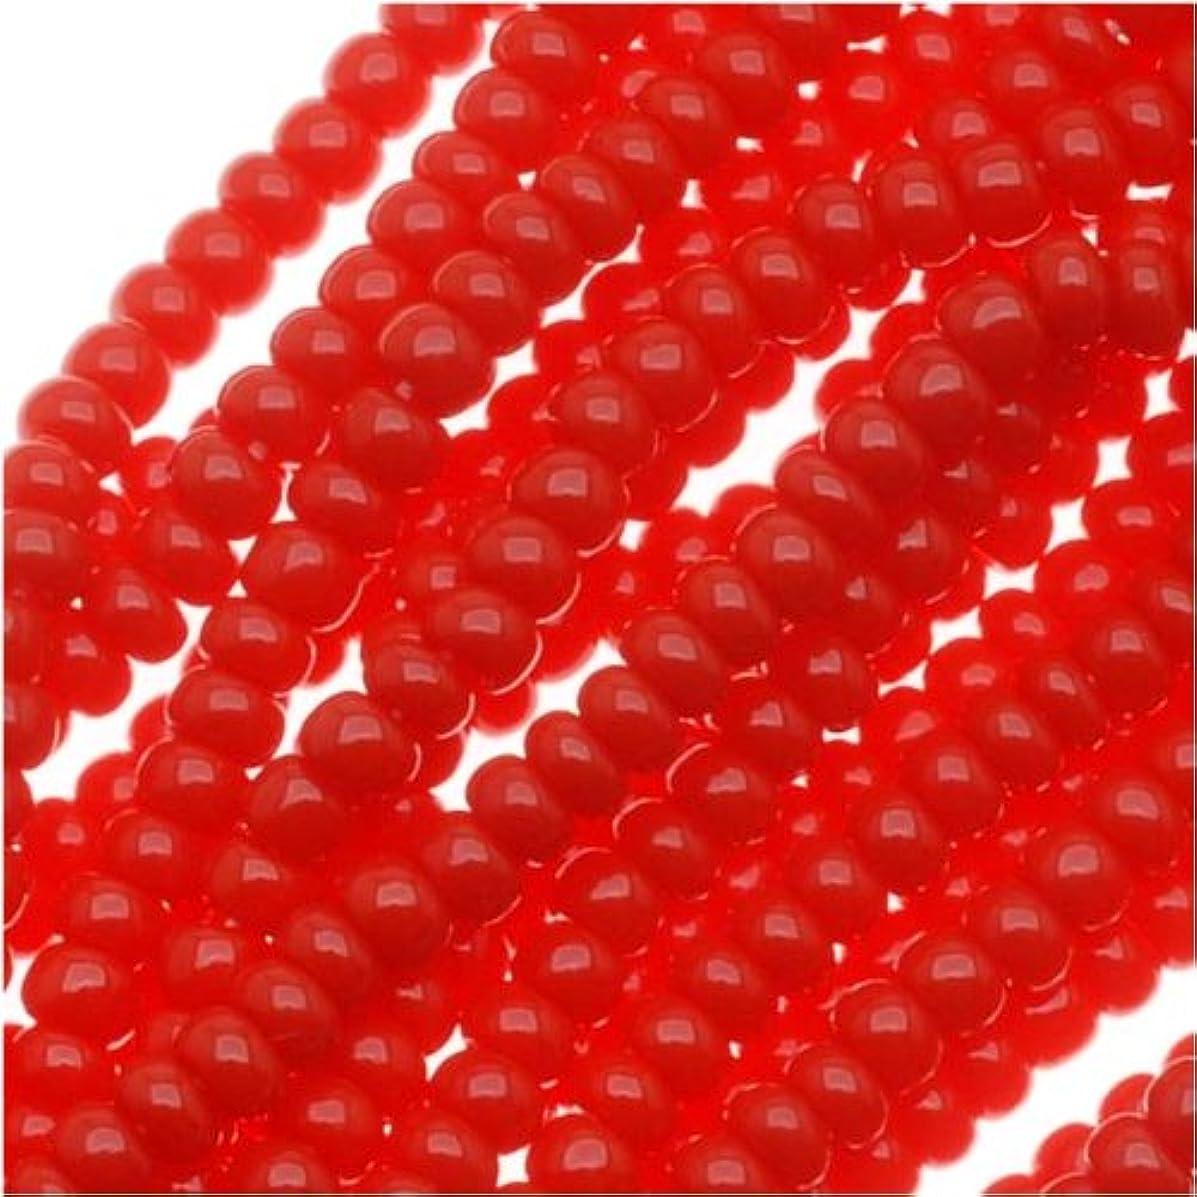 Czech Seed Beads Size 11/0 True Red Opaque (1 Hank/4000 Beads)